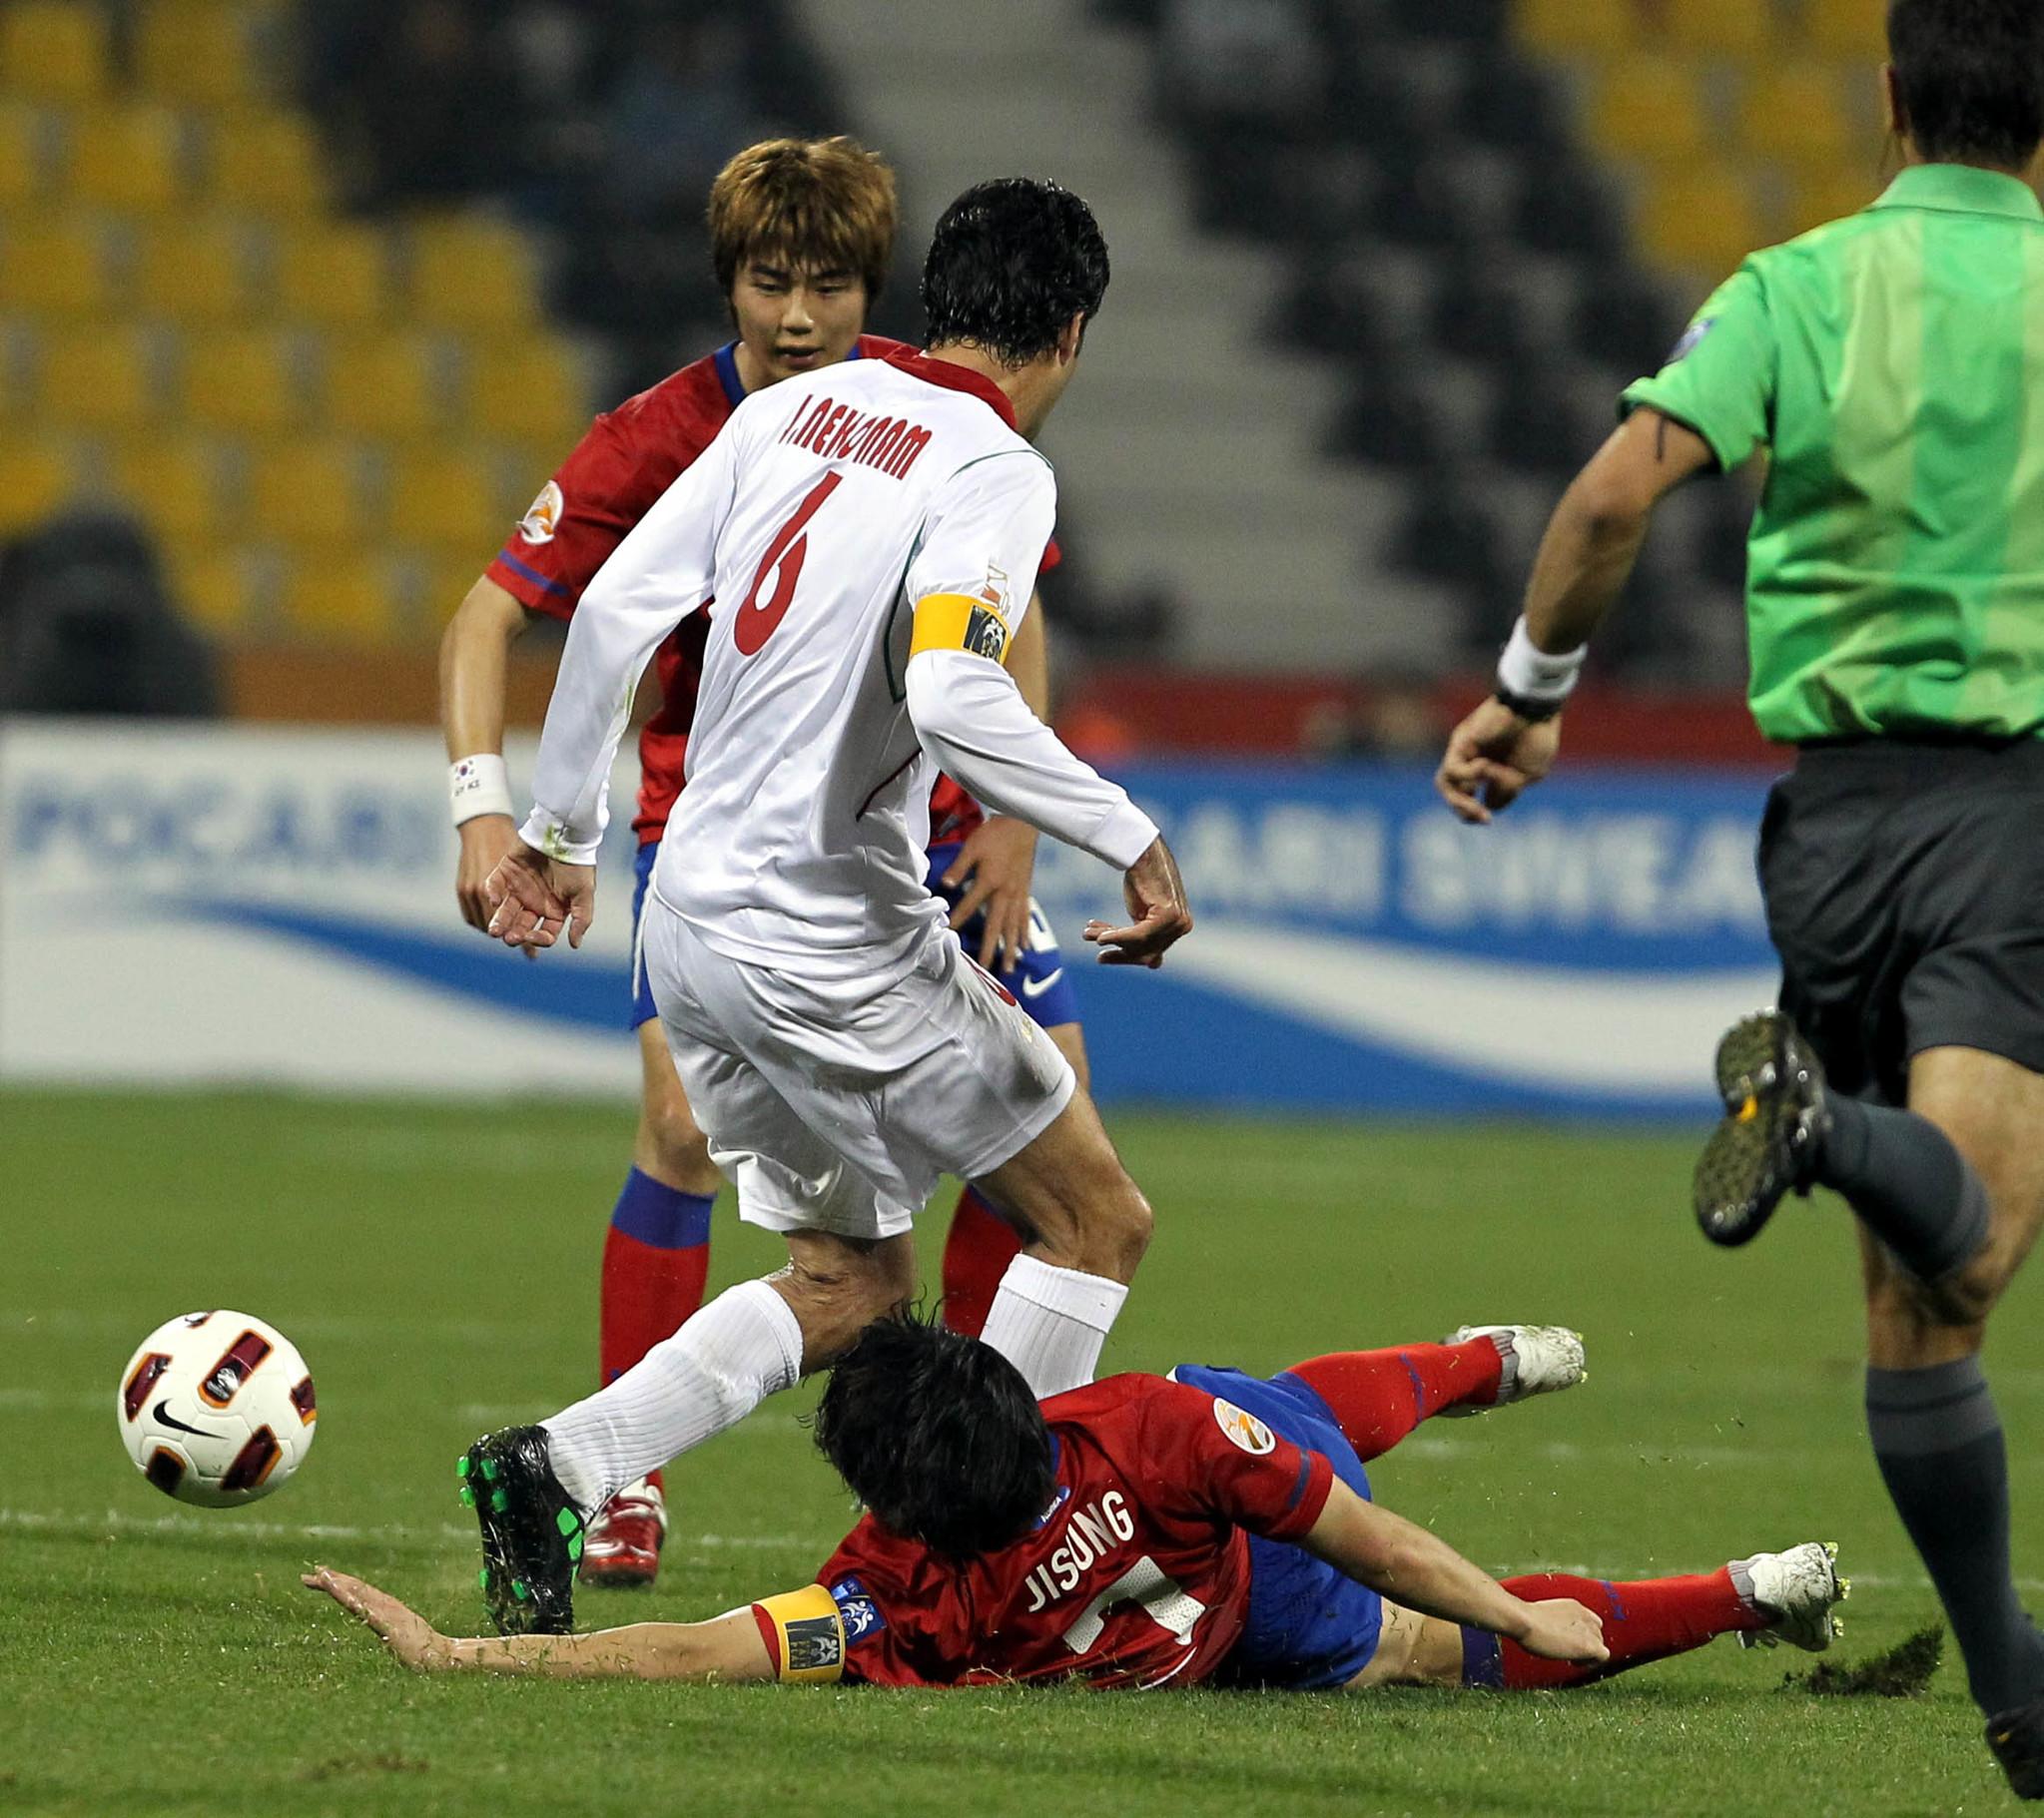 2011년 아시안컵 8강전에서 박지성이 이란 네쿠남에게 태클하고 있다. [중앙포토]